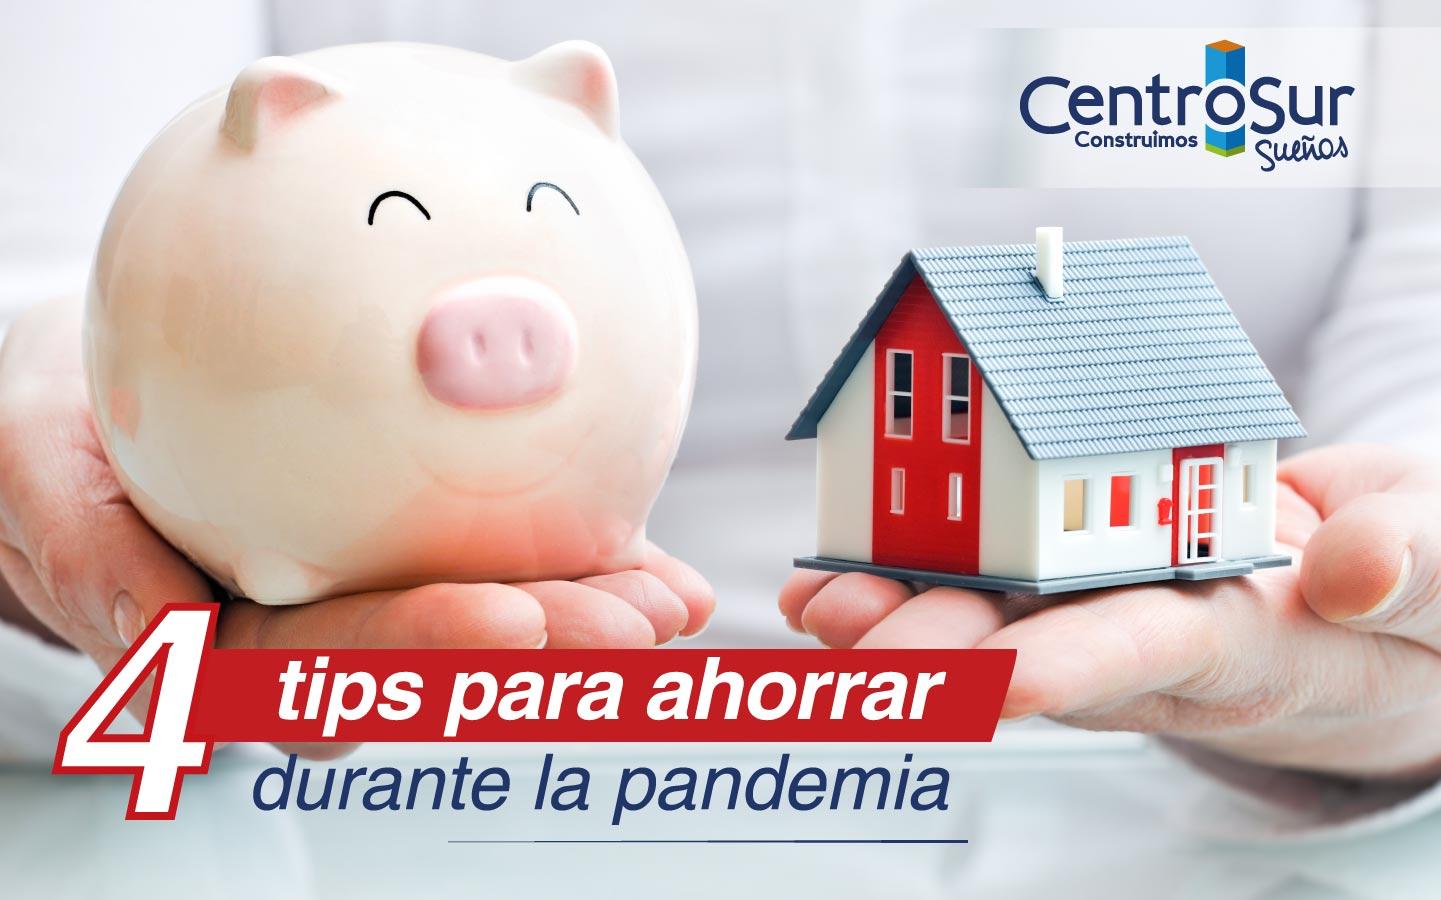 4 tips para ahorrar durante la pandemia